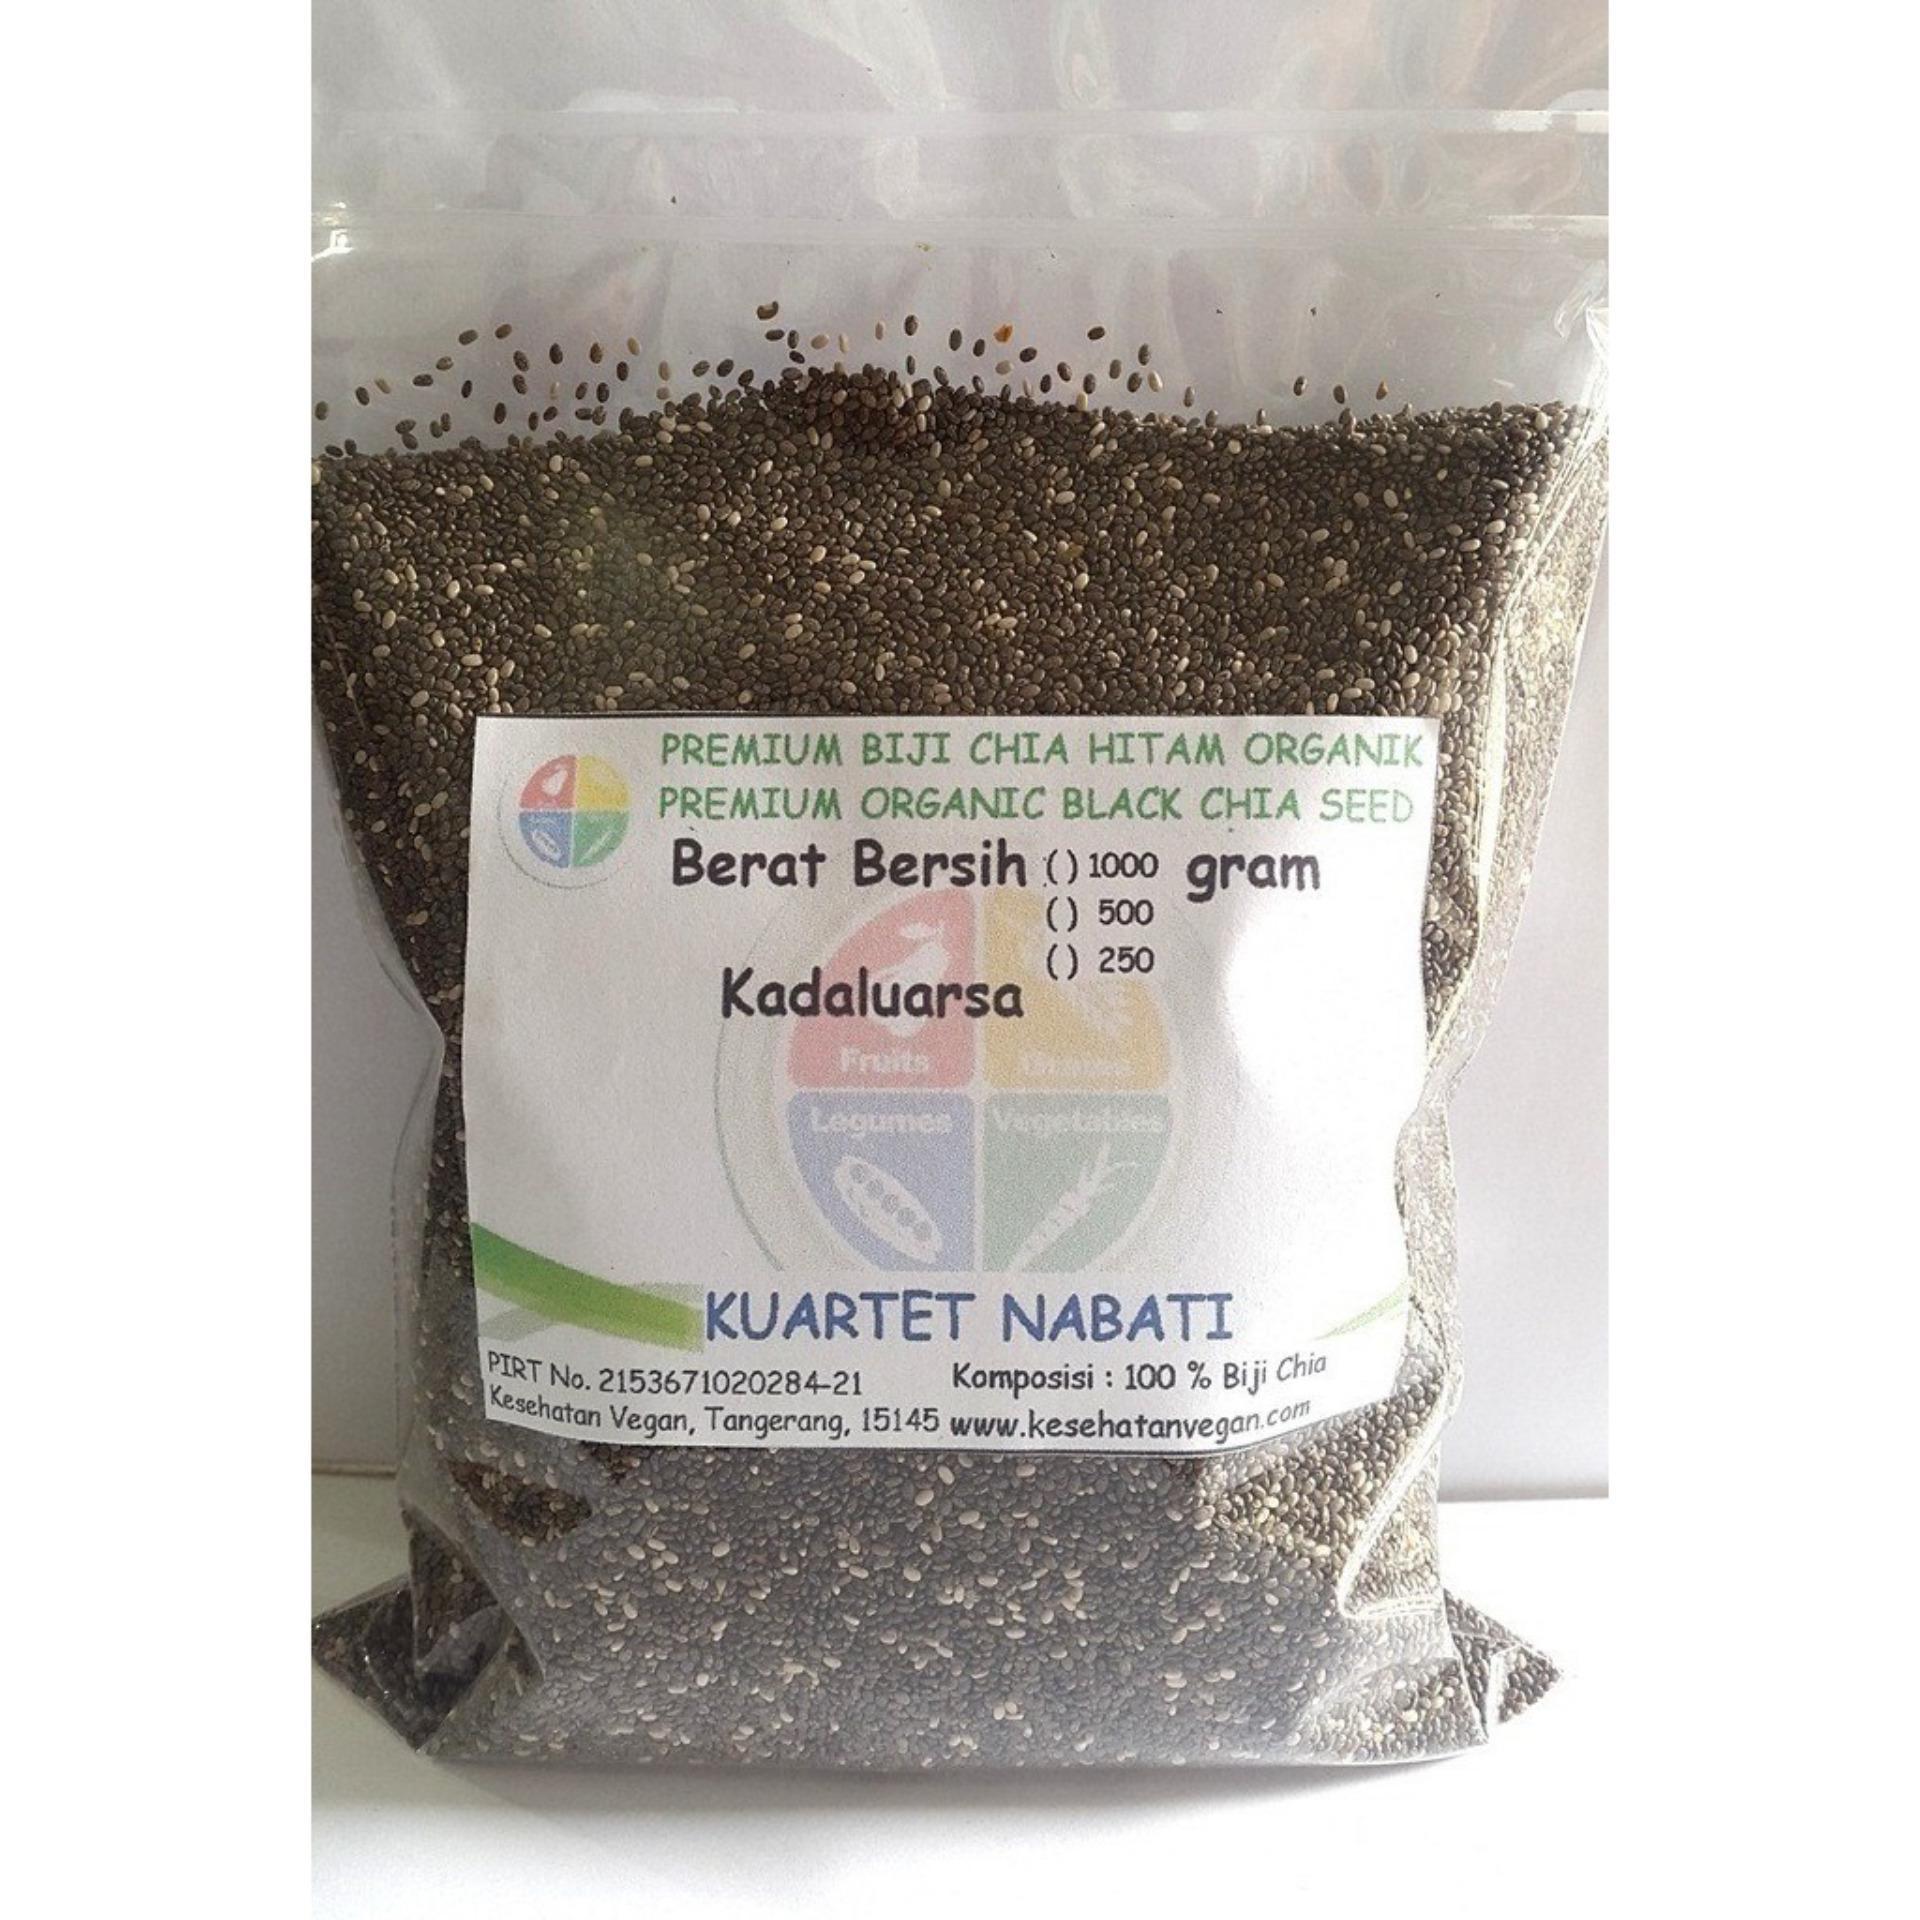 Jual Kuartet Nabati Premium Organic Black Chia Seed Premium Biji Chia Hitam Organik 250 Gr Kuartet Nabati Di Banten